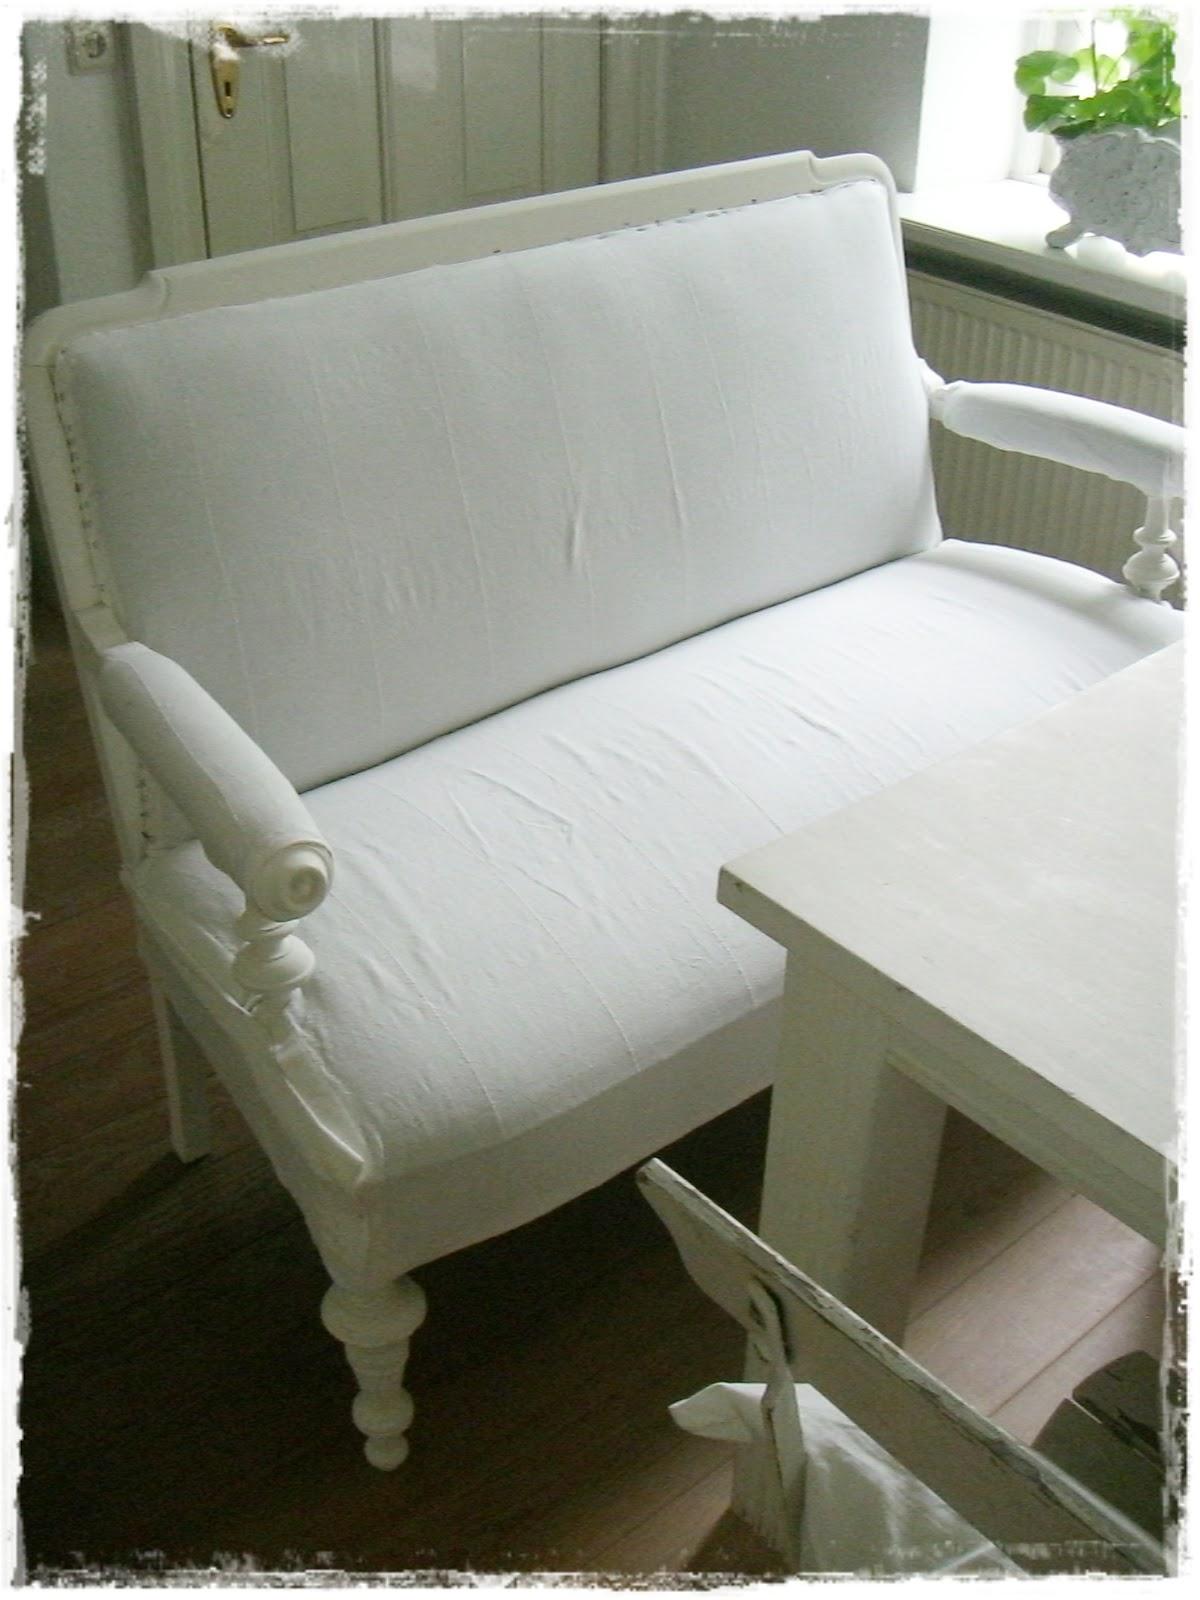 Lilleweiss Ein Neues Altes Sofa